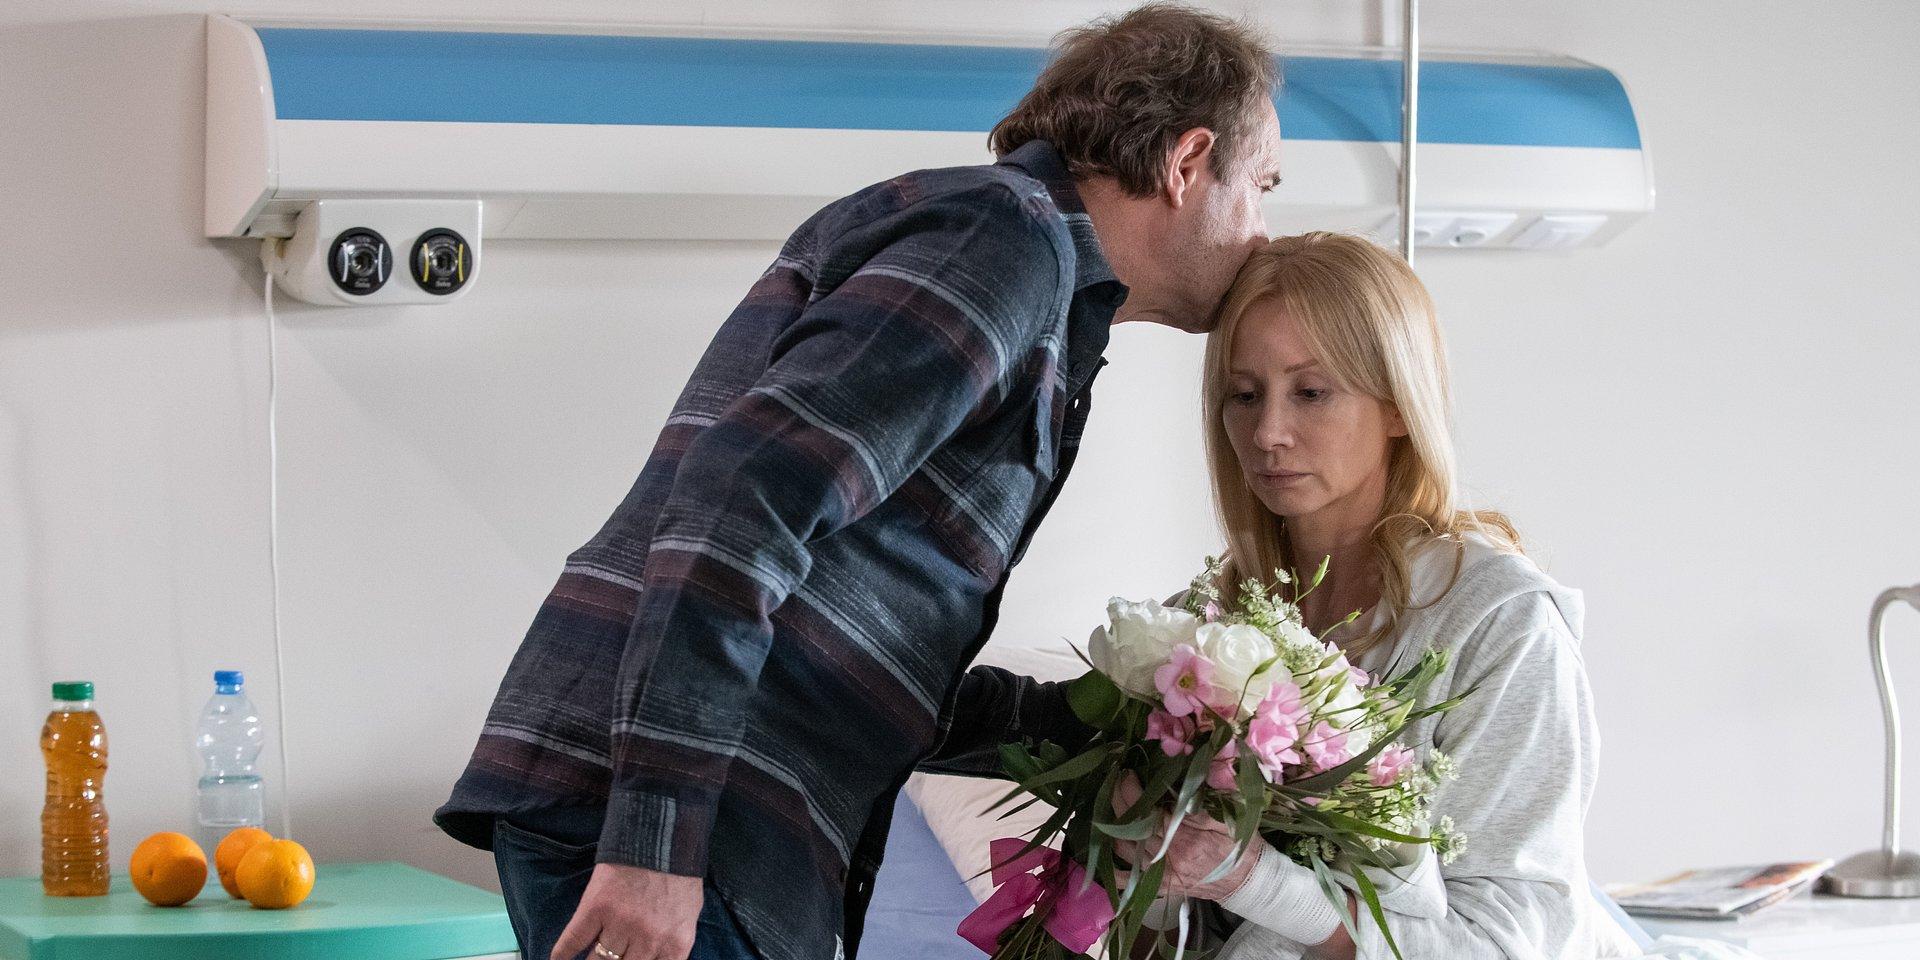 Na Wspólnej: Elżbieta wychodzi ze szpitala, a Ewa ląduje w psychiatryku!